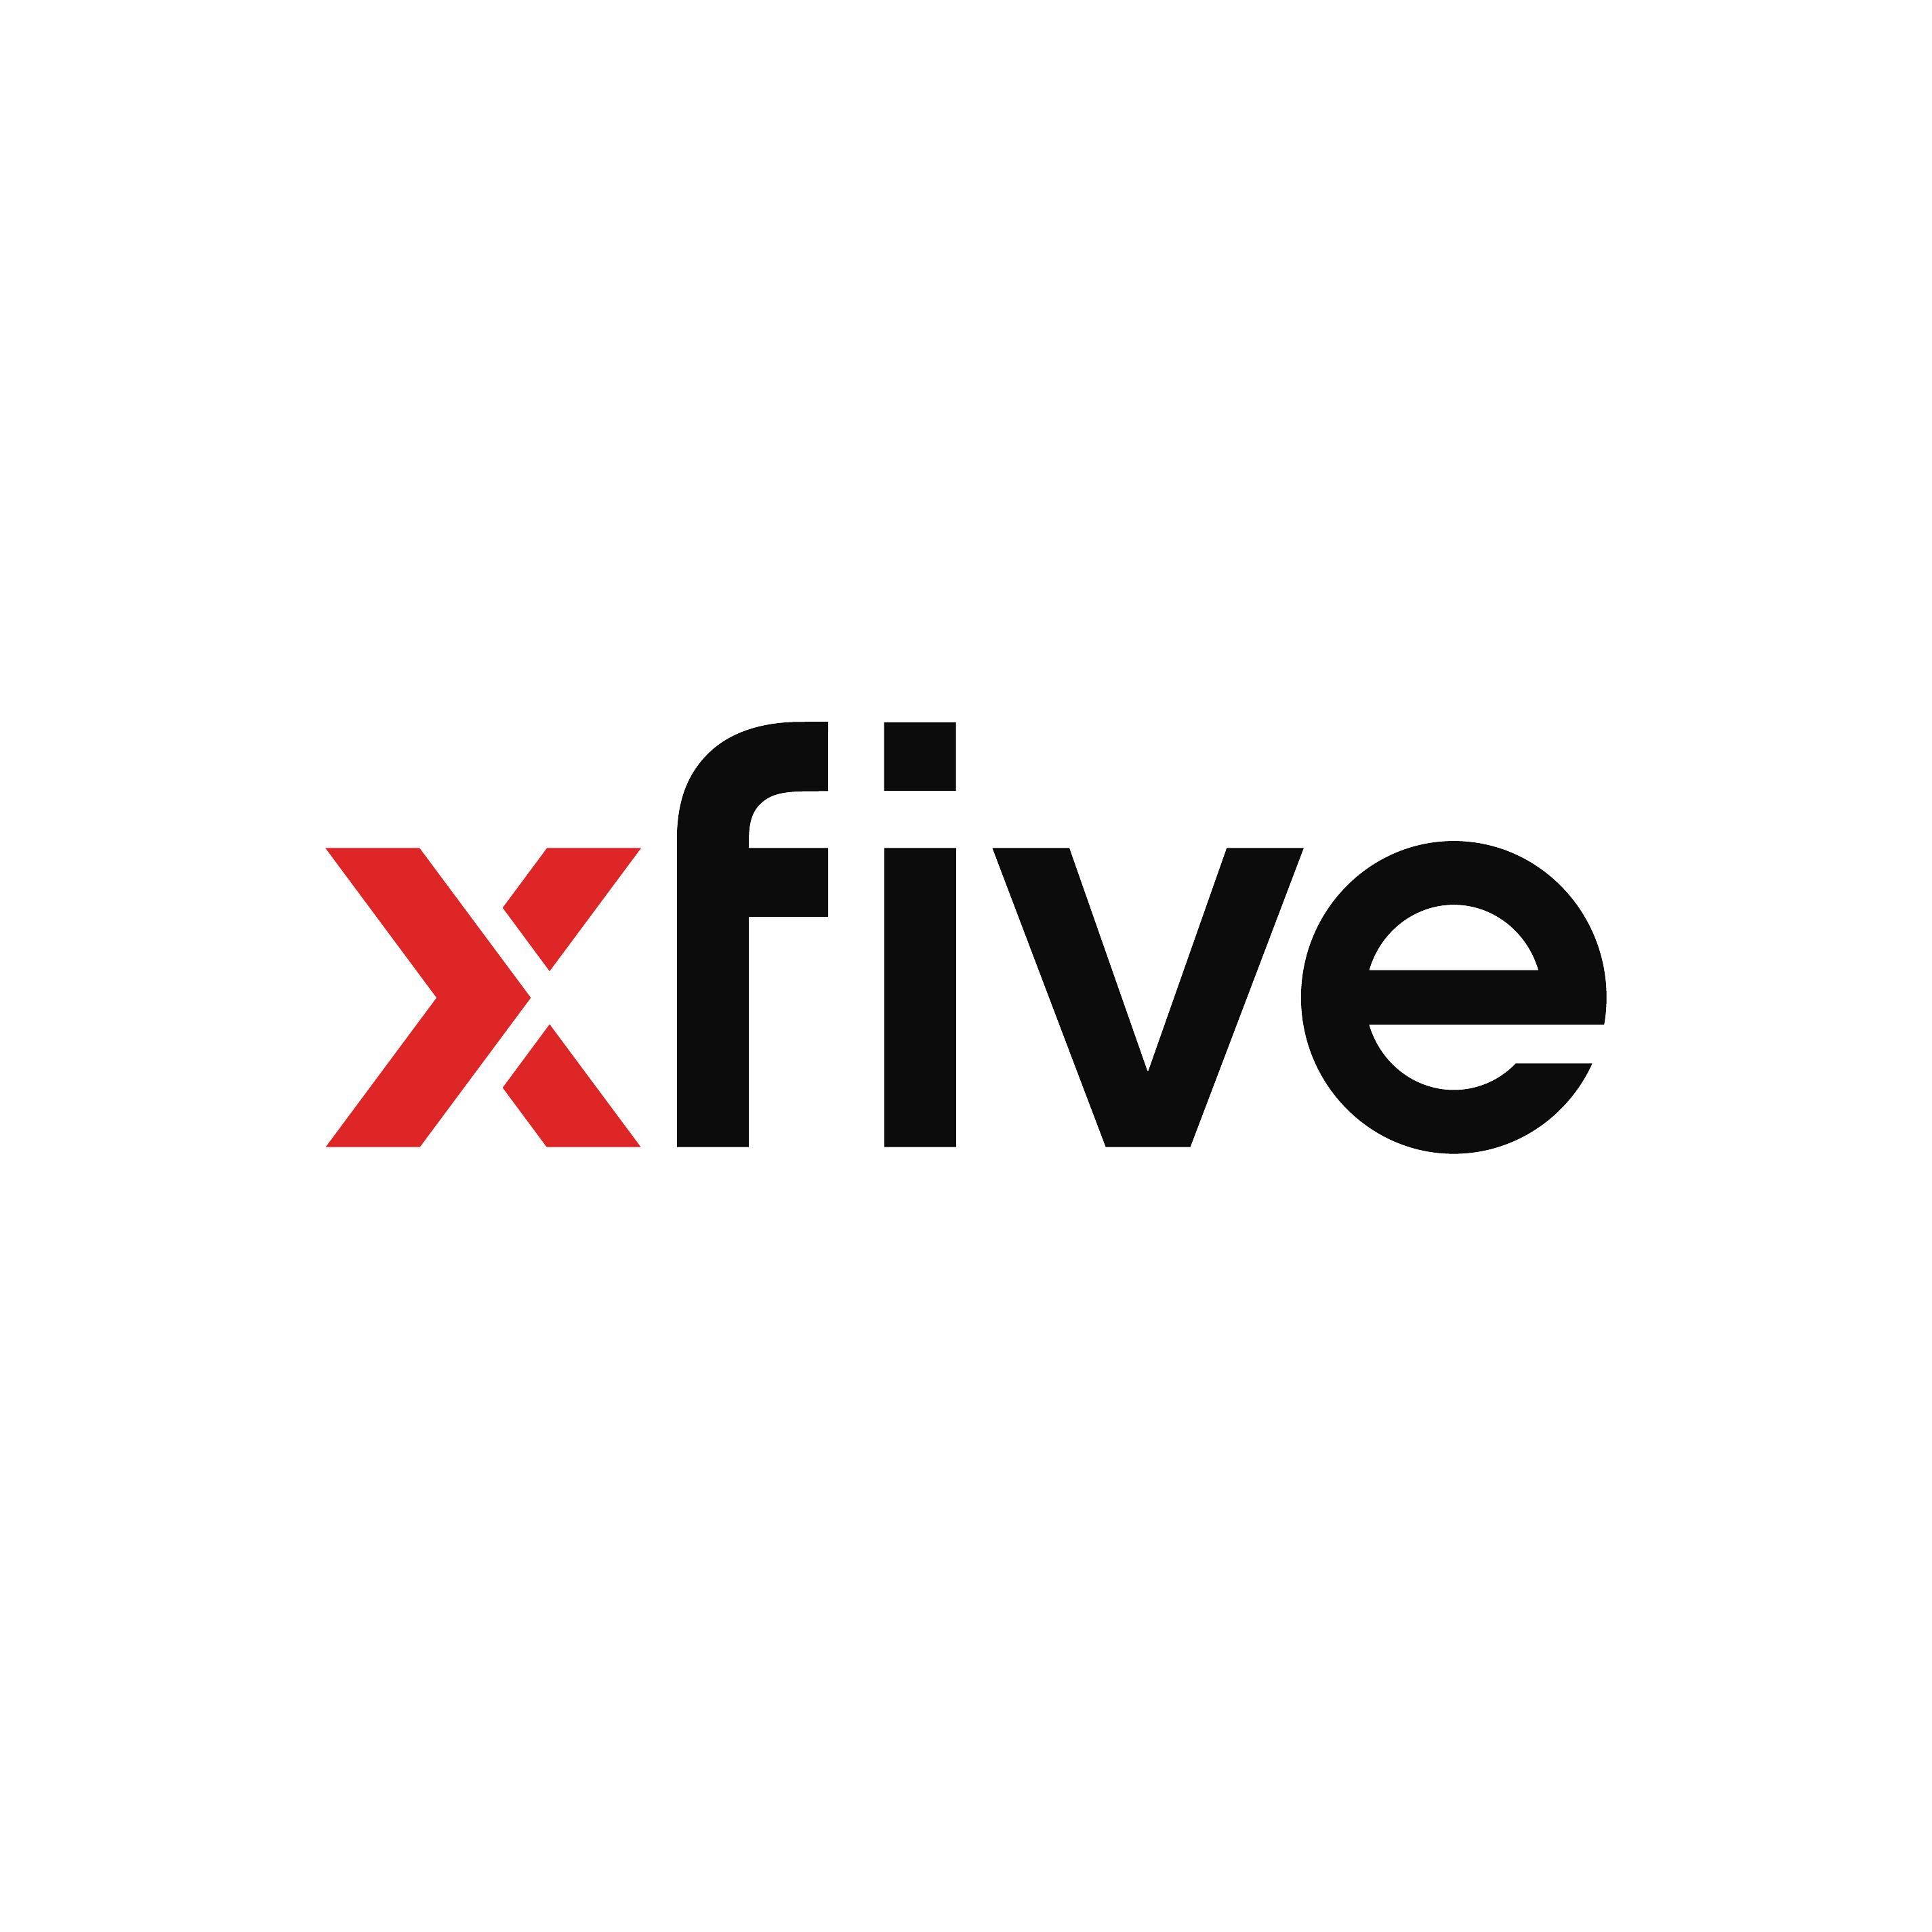 Xfive Logo